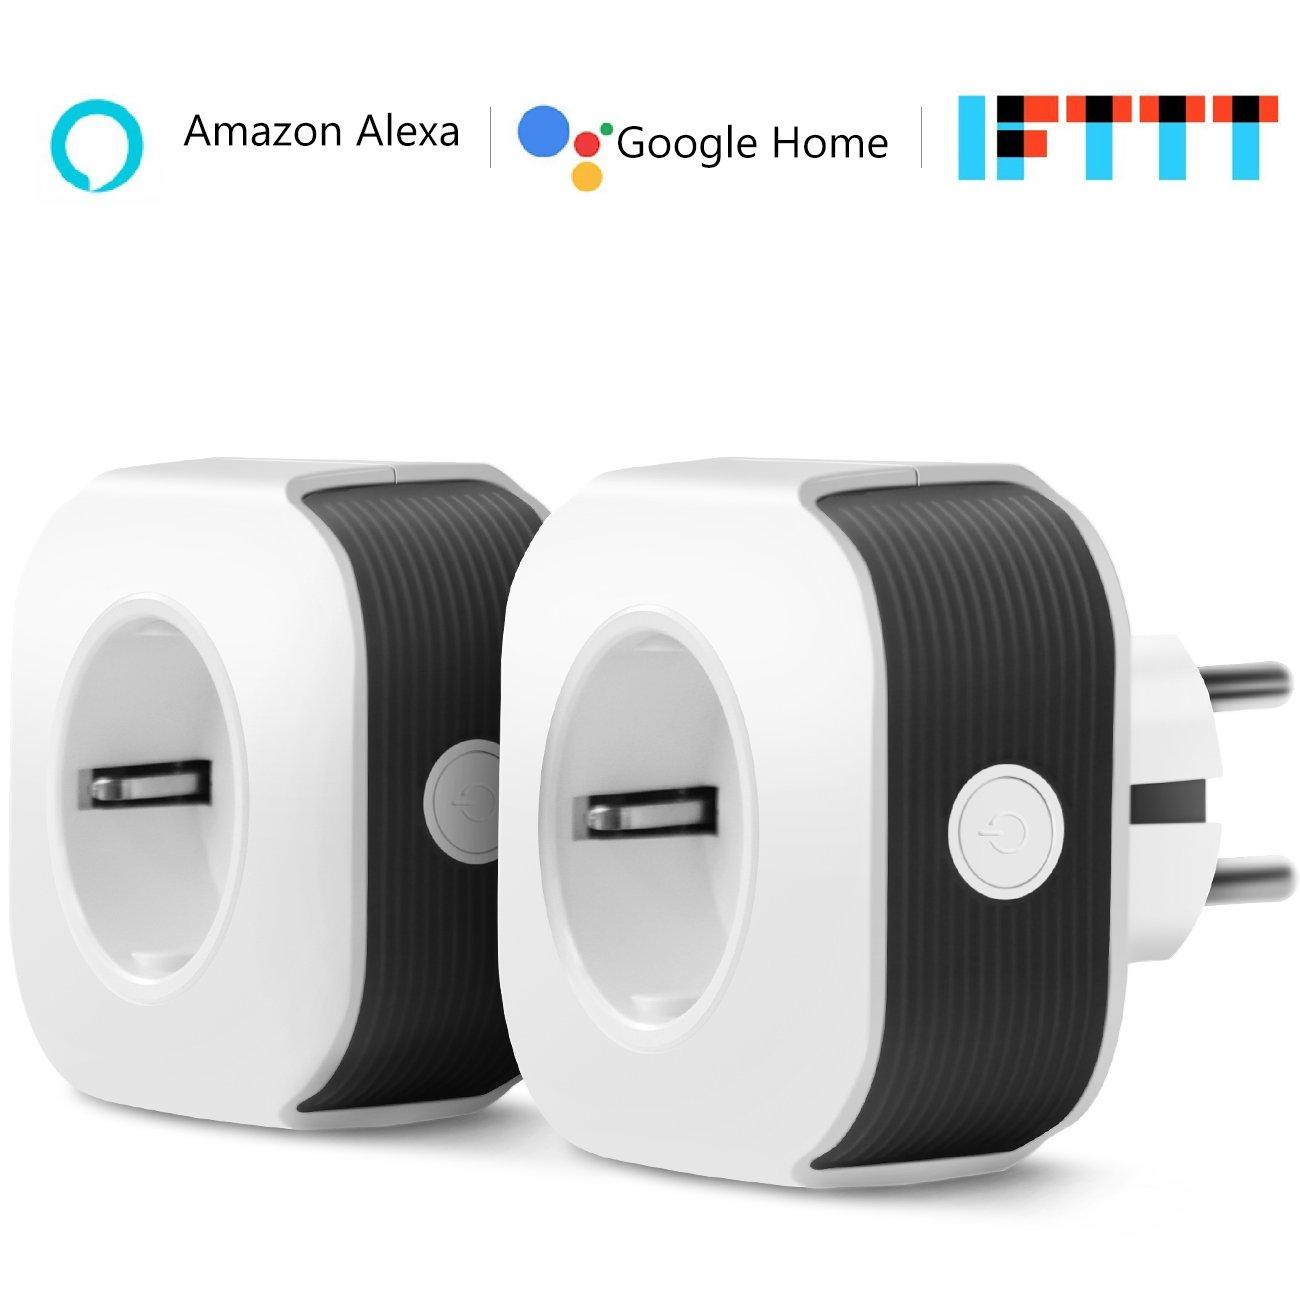 Prise connectée WiFi, Muzili Prise connectée fonctionnant avec Contrôle vocal  Alexa et Google Home, Contrôlable depuis une application mobile depuis n'importe où et n'importe quand (2)